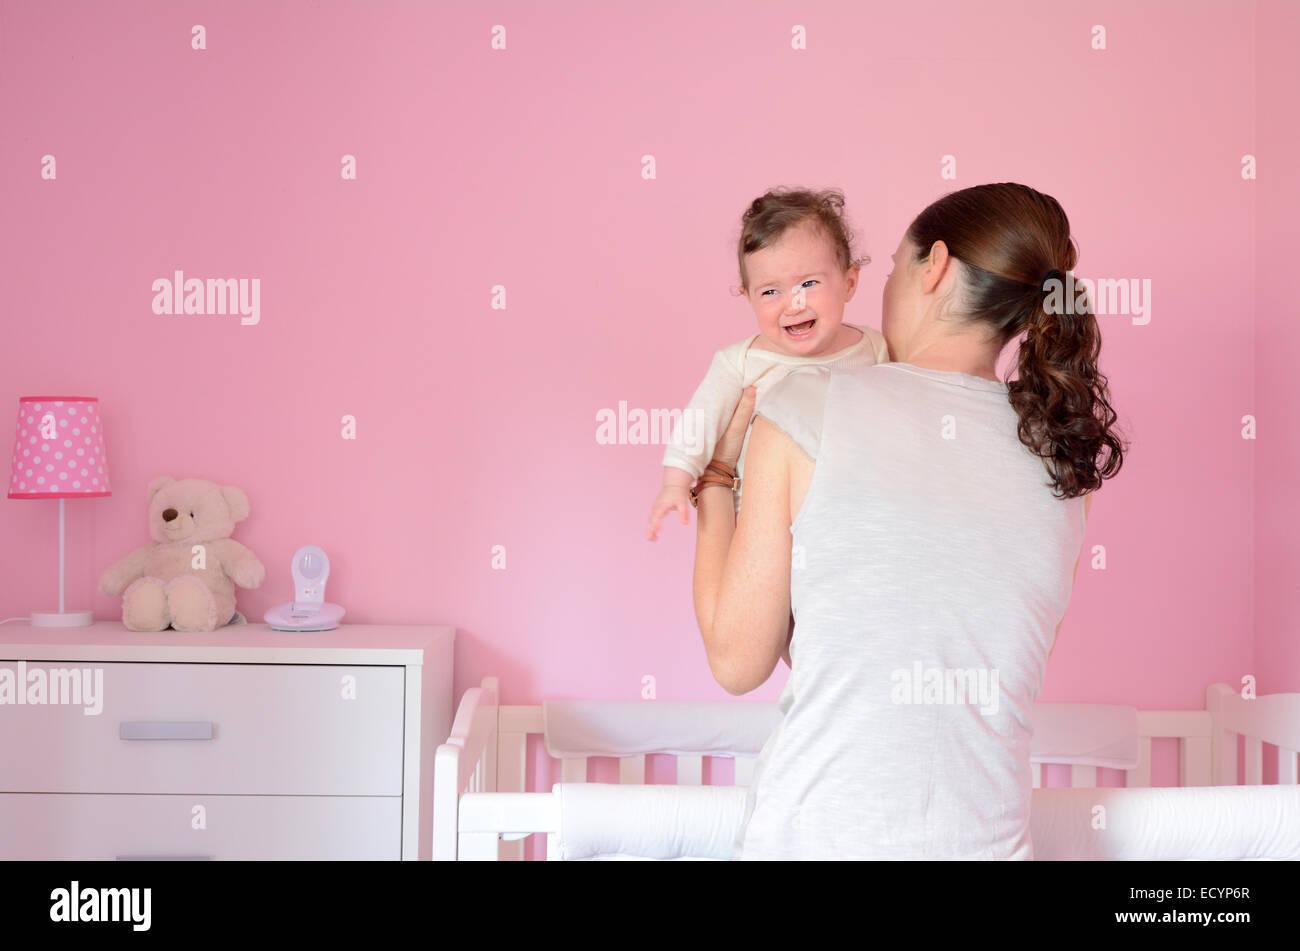 Jeune mère de famille met son bébé (fille) à l'âge de 06 mois alors que le sommeil Photo Stock